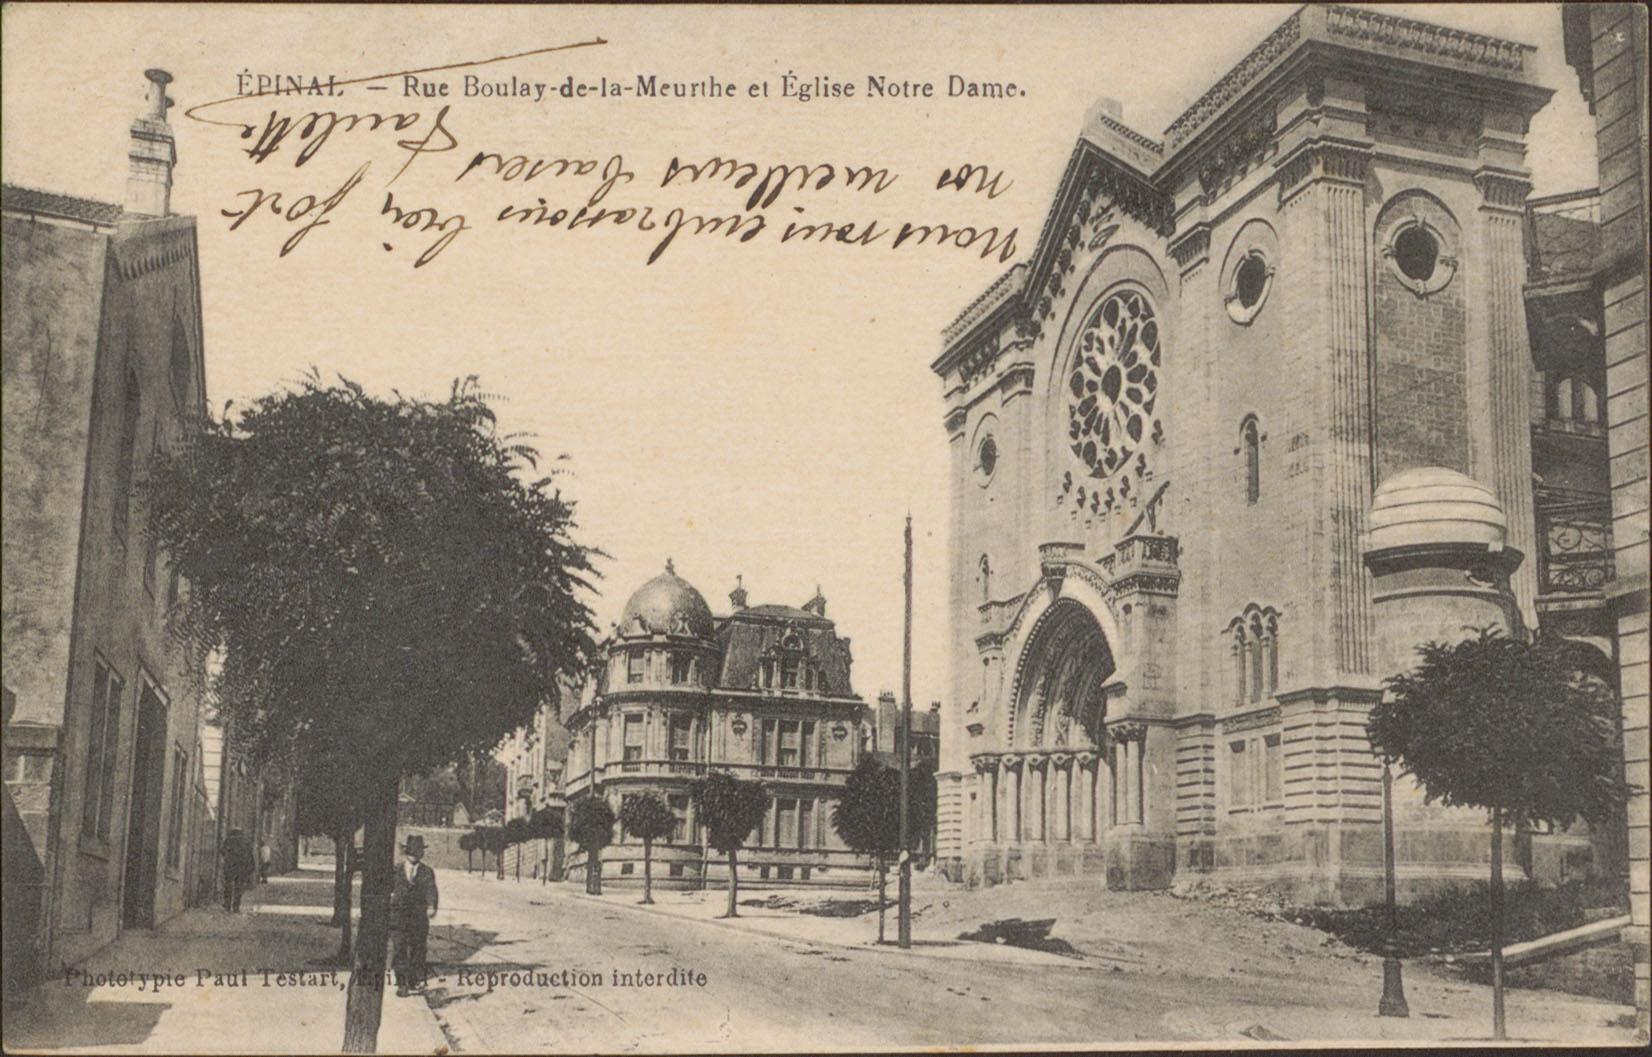 Contenu du Épinal, Rue Boulay-de-la-Meurthe et Église Notre-Dame